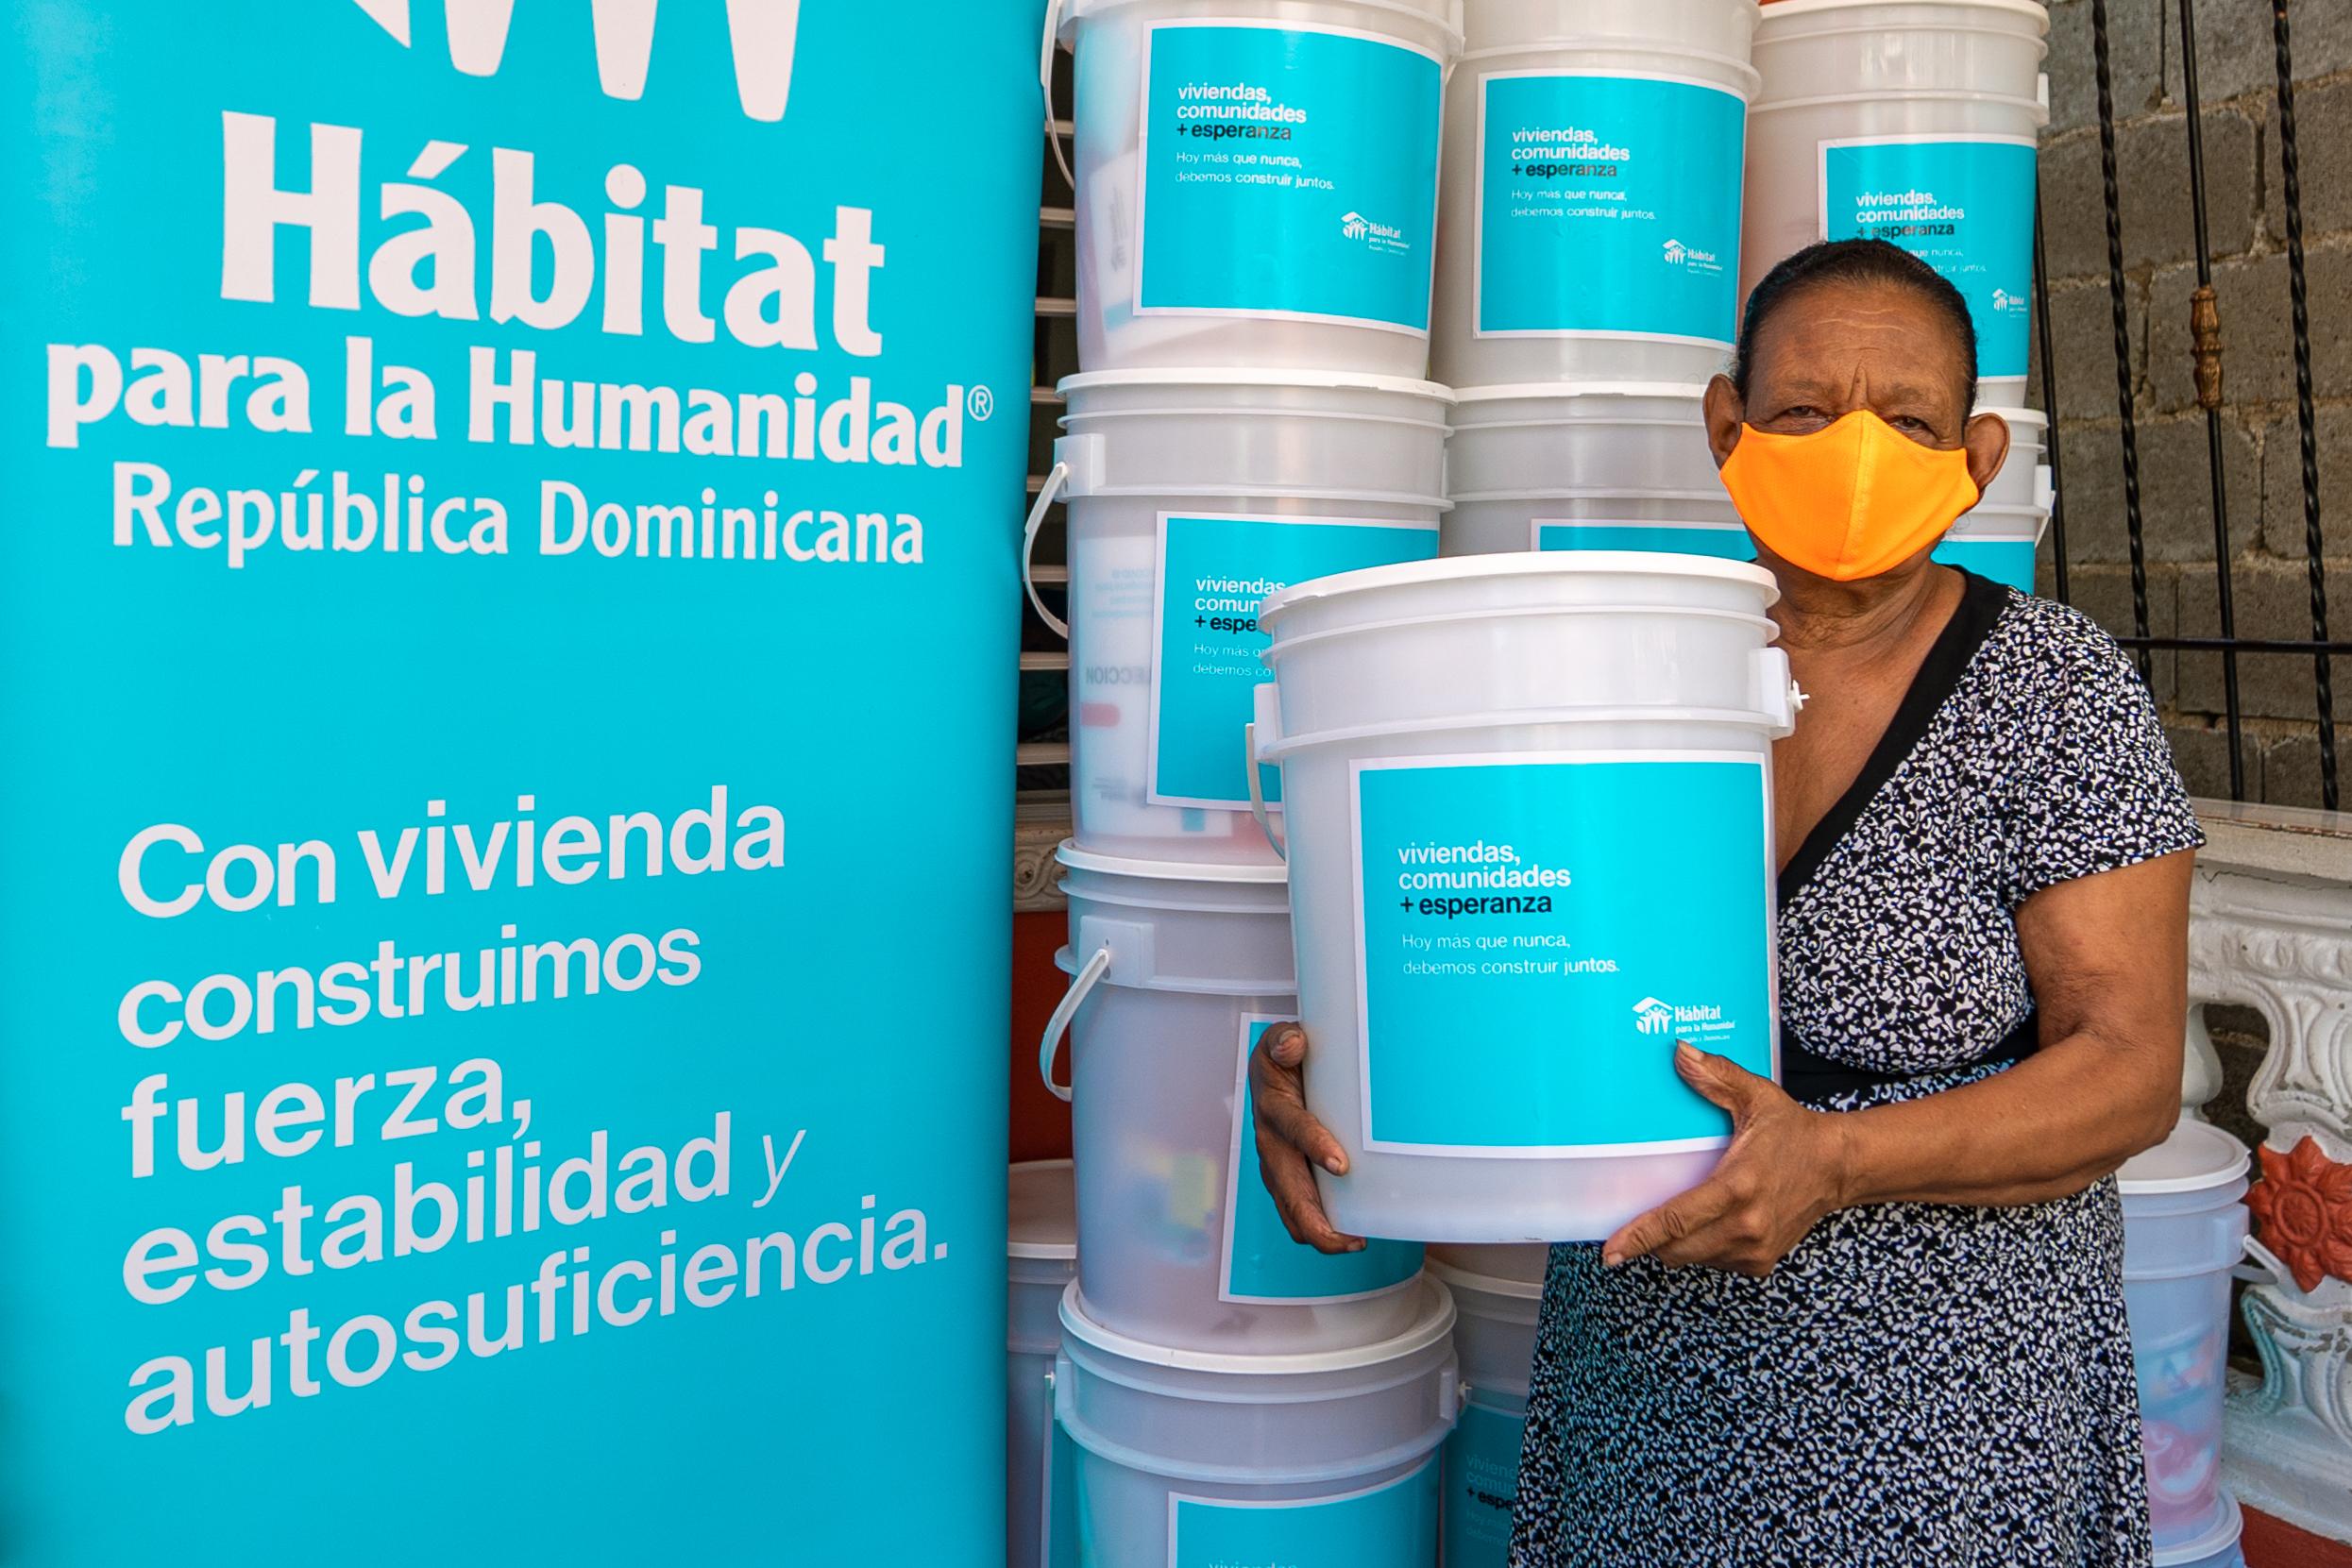 Hábitat para la Humanidad distribuye kits de higiene y vivienda saludable a más de dos mil personas